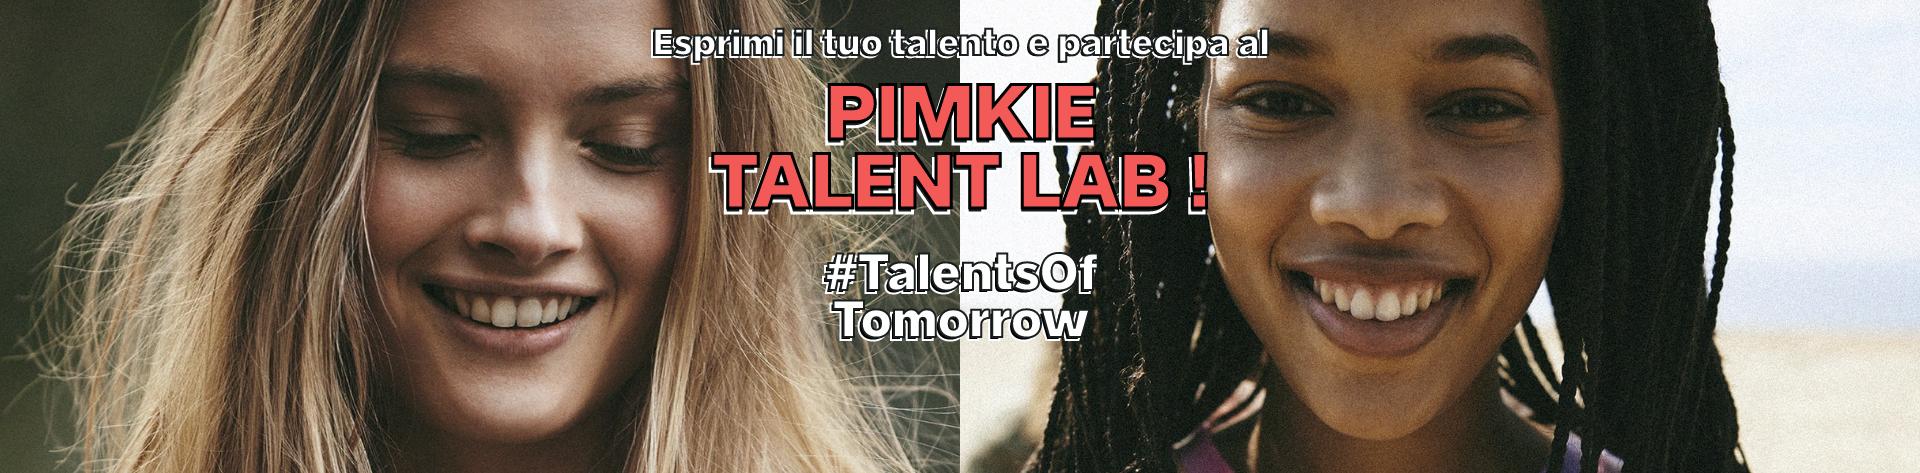 Esprimi il tuo talento e partecipa al pimkie talent lab - Pimkie